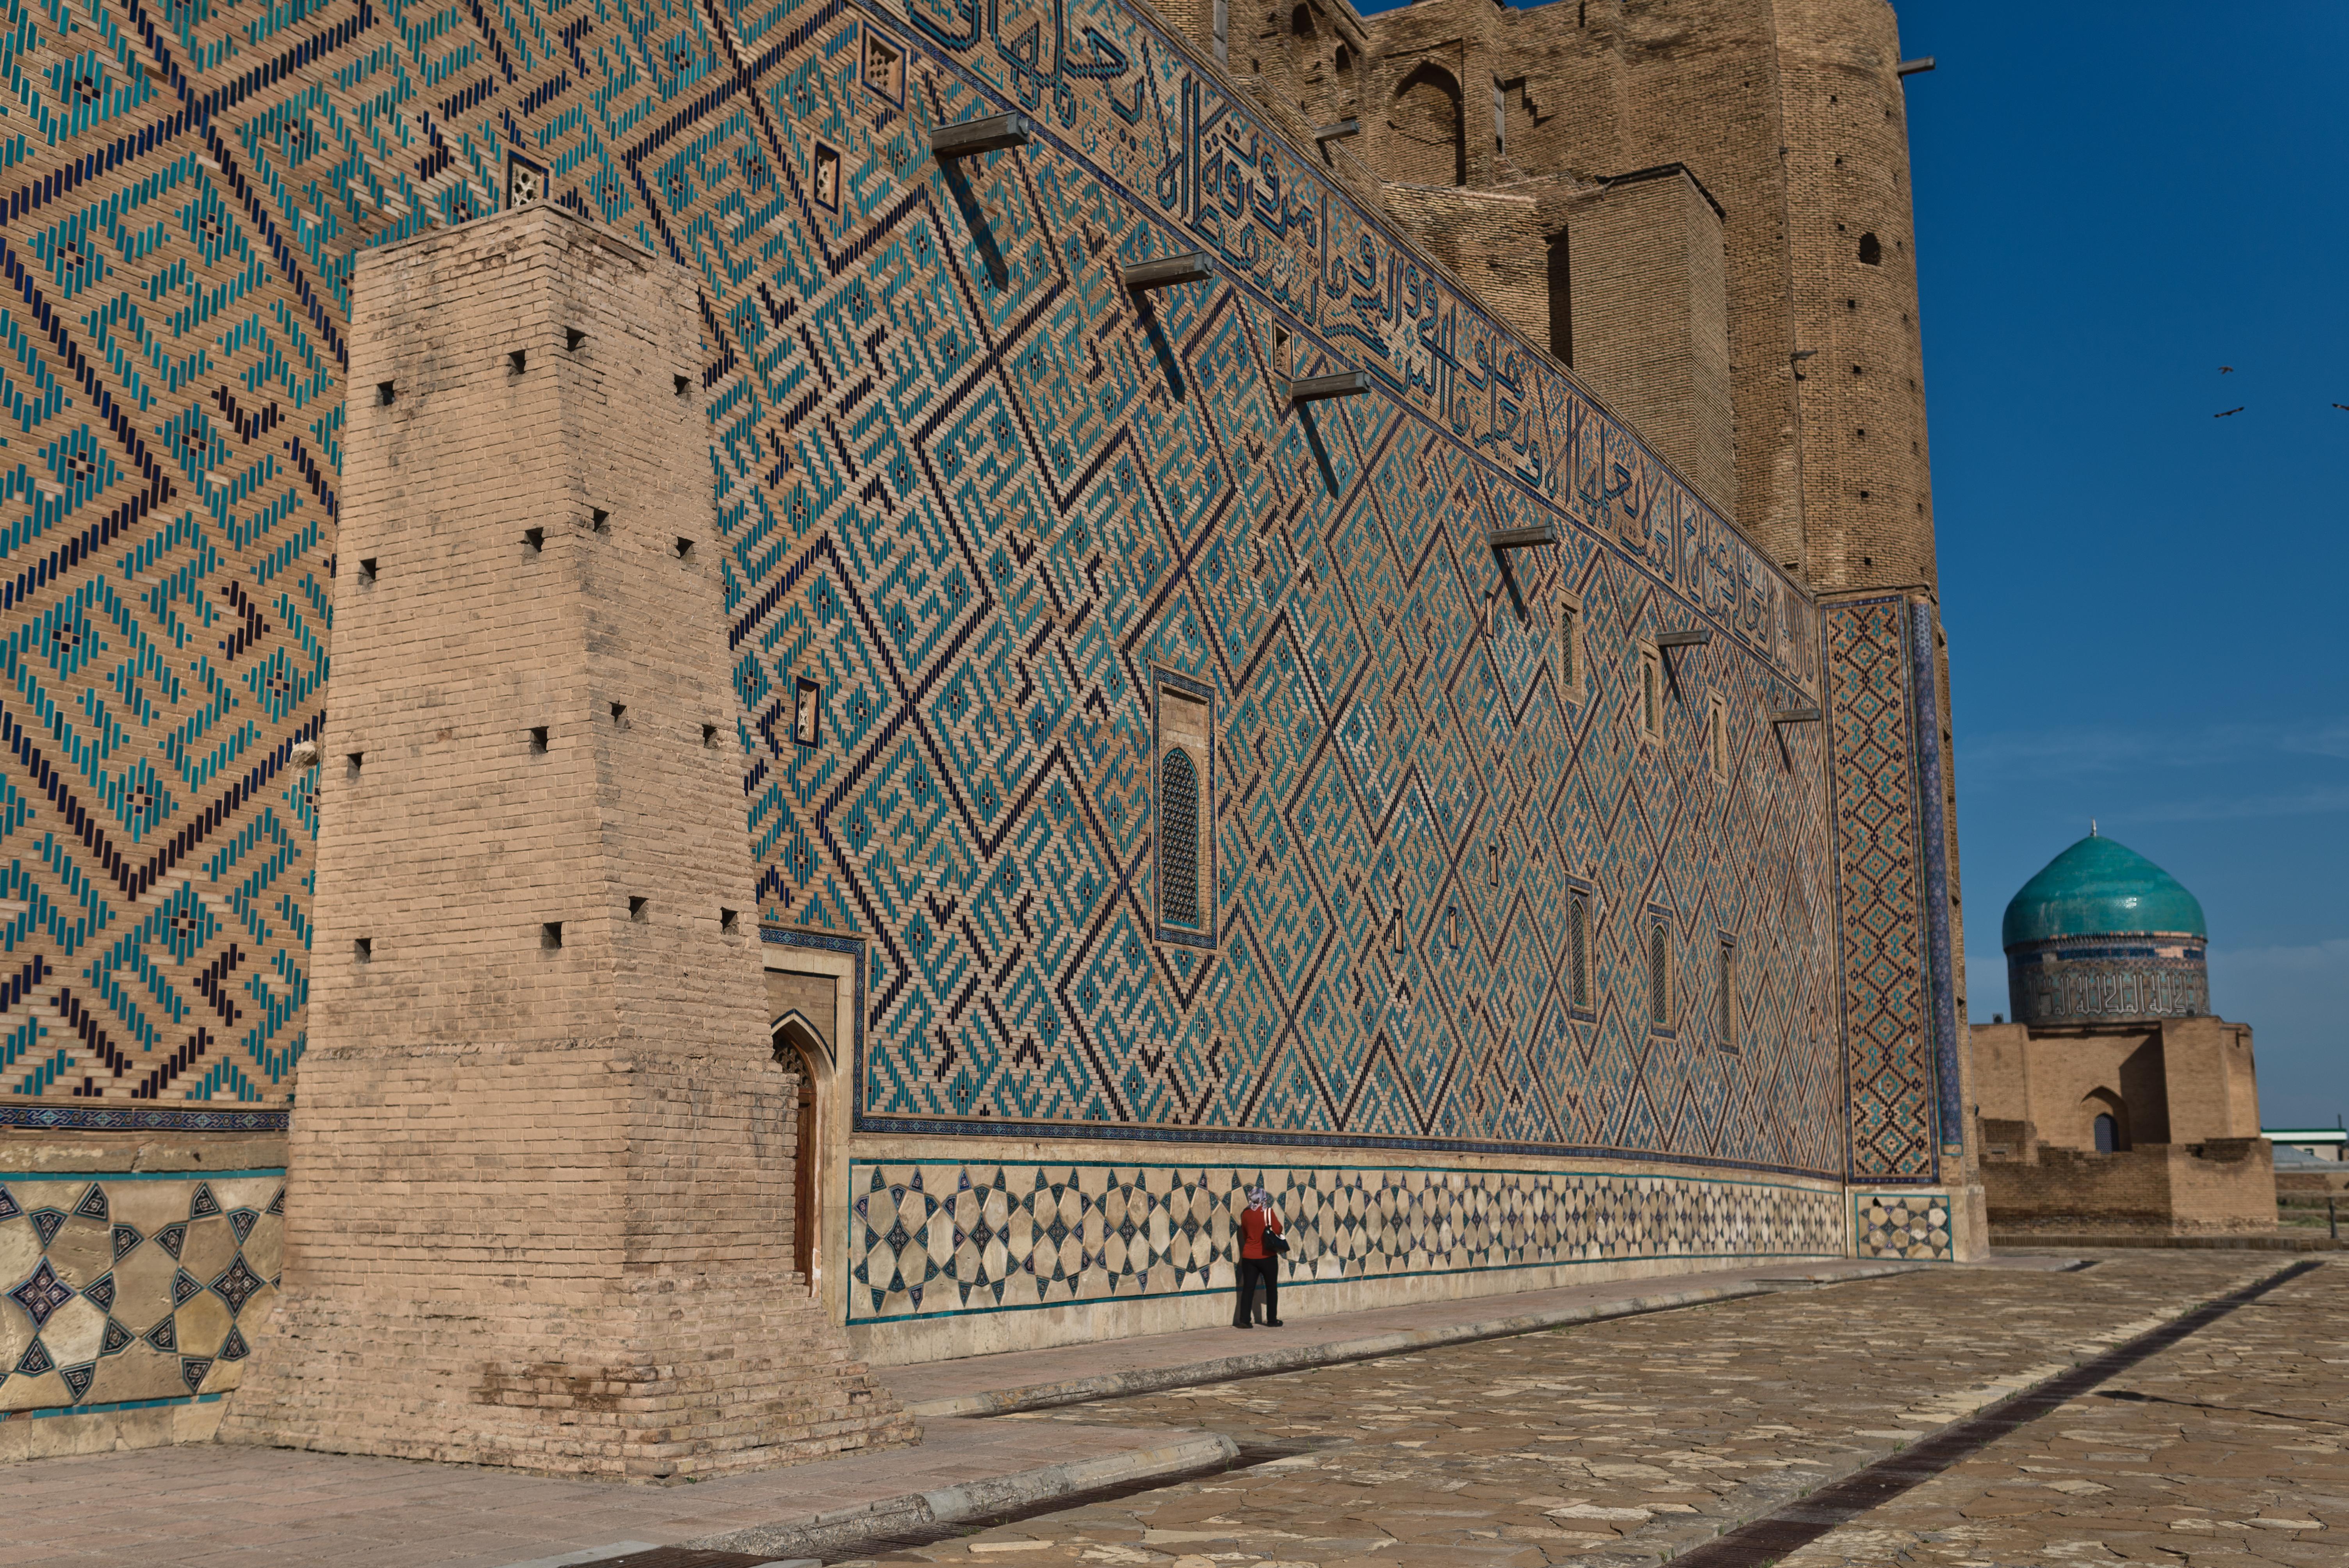 Это образец средневековой архитектуры, который сохранился в казахстанском городе. Верно?